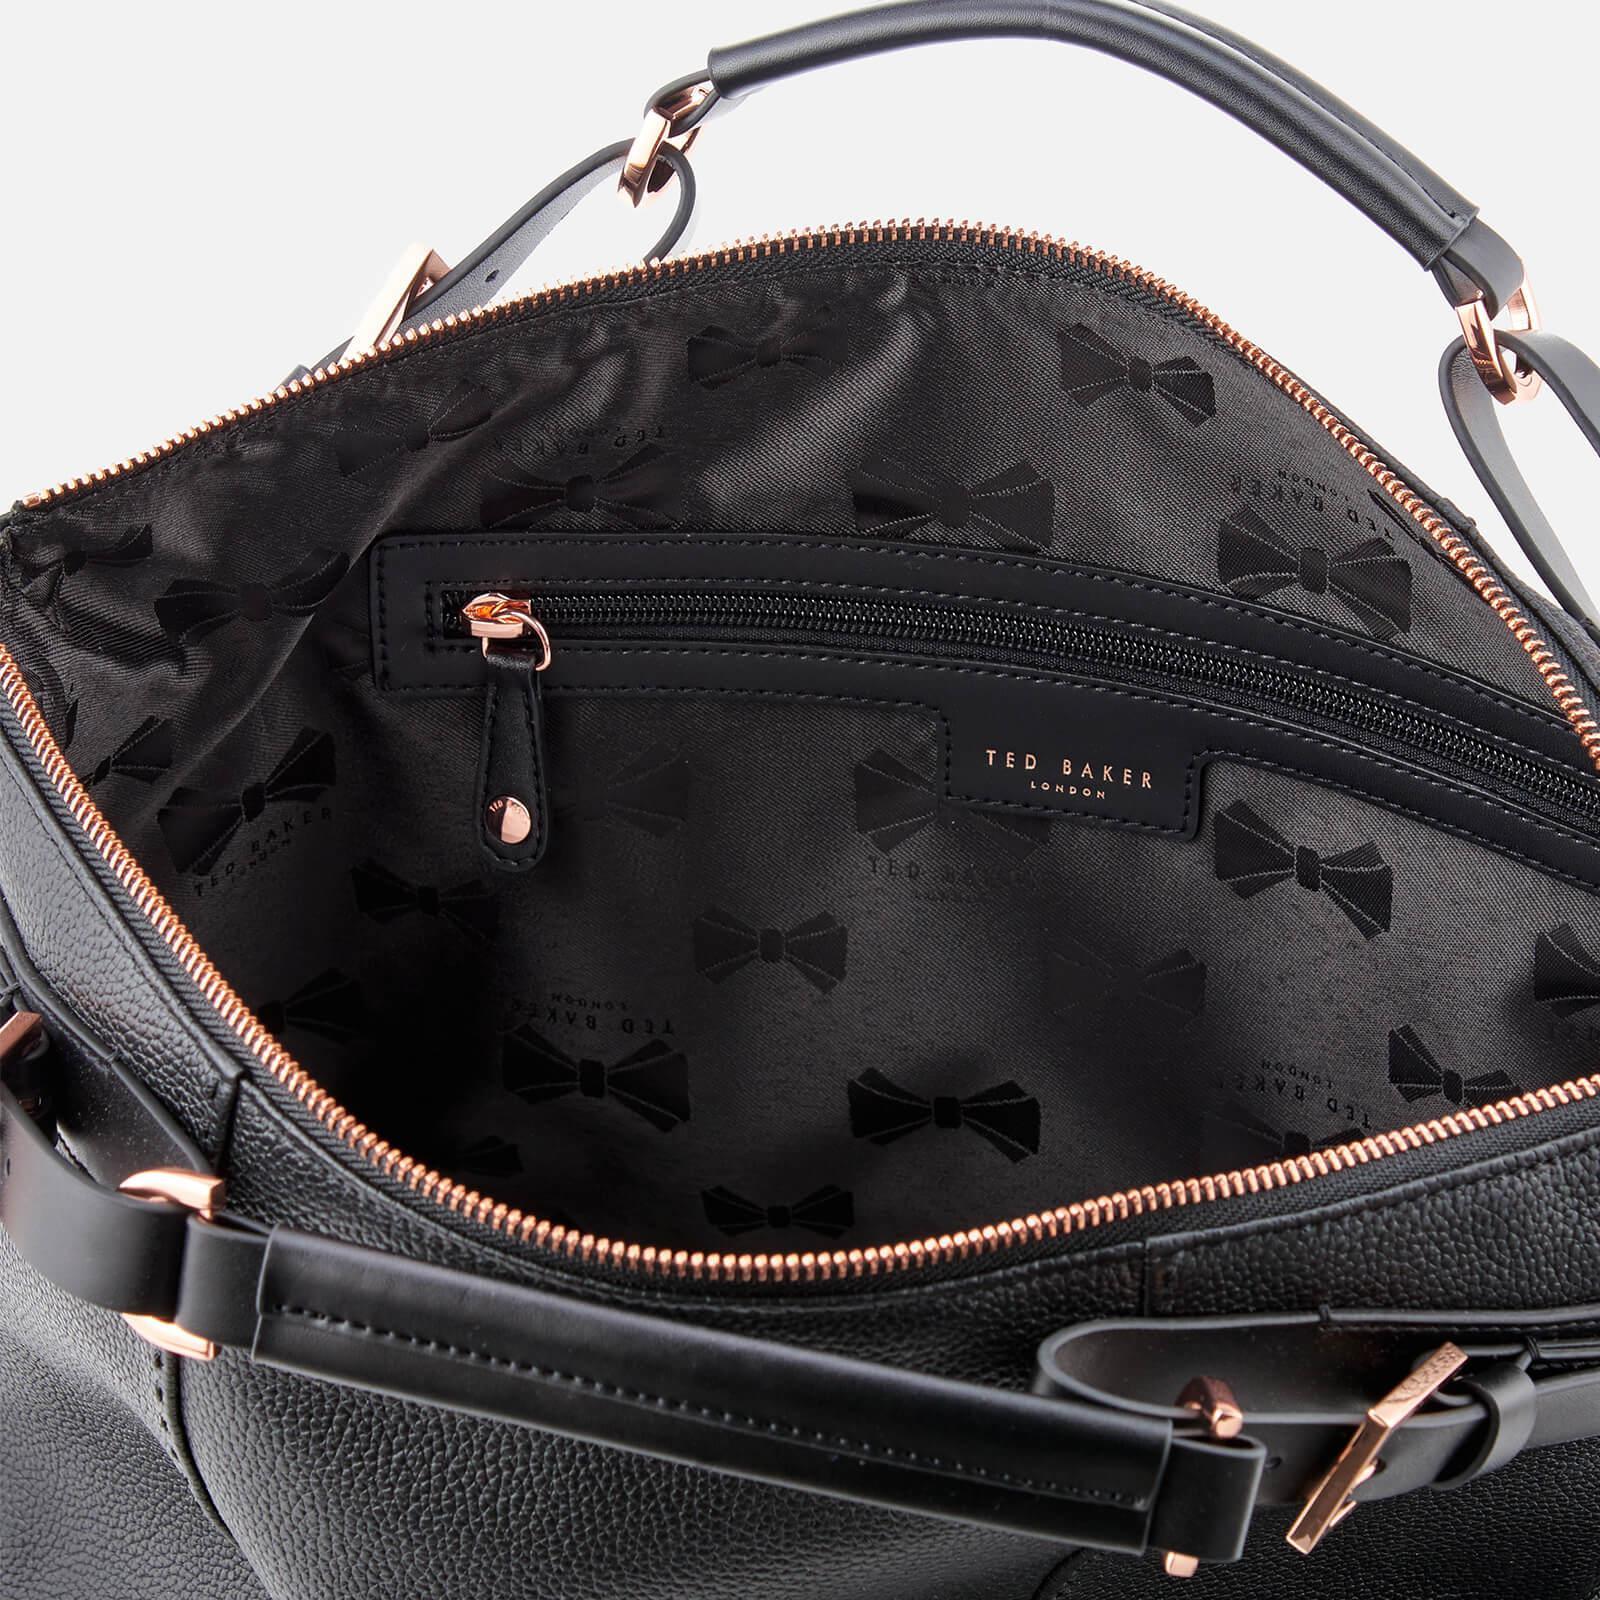 58bc72582 Lyst - Ted Baker Salbee Pop Handle Large Tote Bag in Black